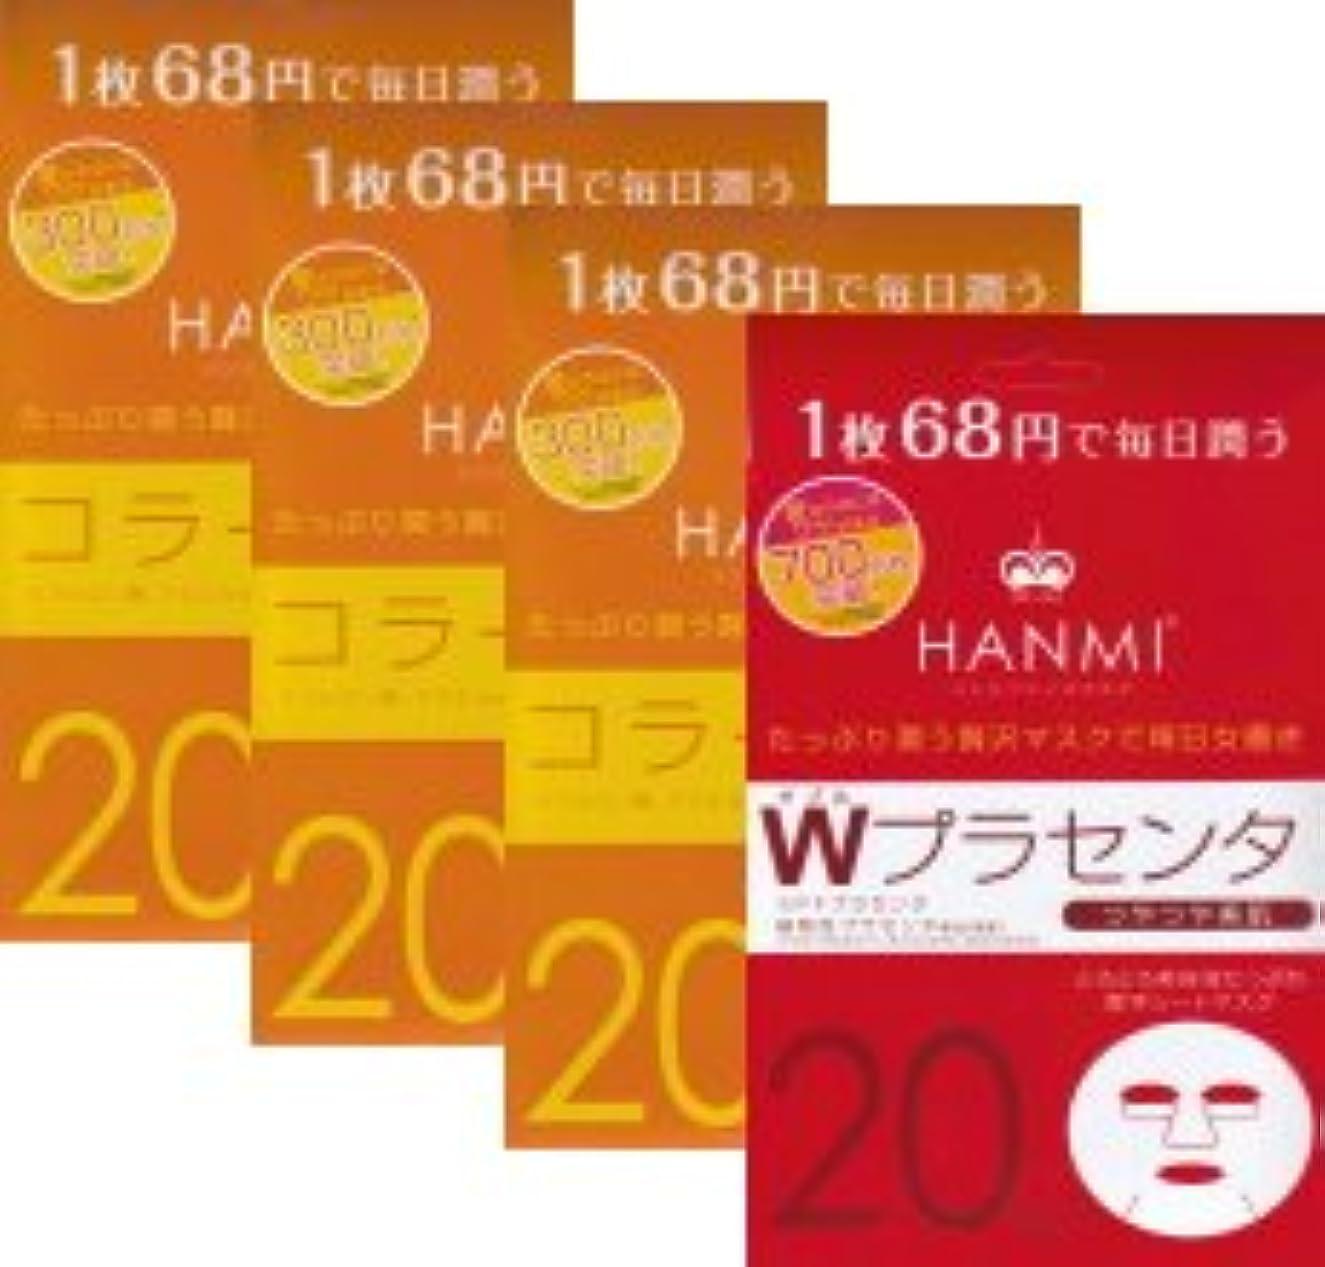 あえてカセット上がるMIGAKI ハンミフェイスマスク(20枚入り)「コラーゲン×3個」「Wプラセンタ×1個」の4個セット